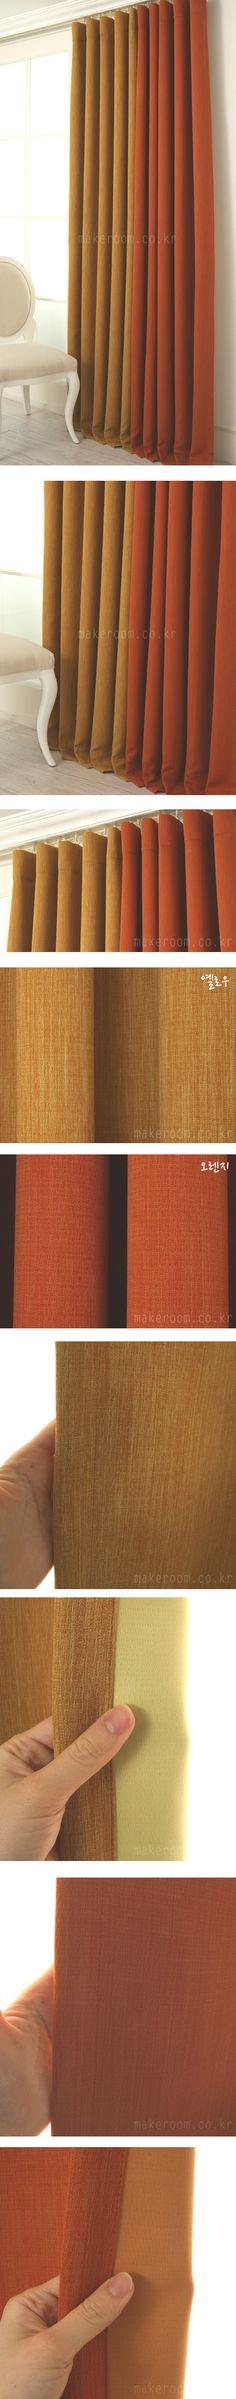 메이크룸 [(수입)럭셔리 사계절 암막커튼(yellow&orange)]